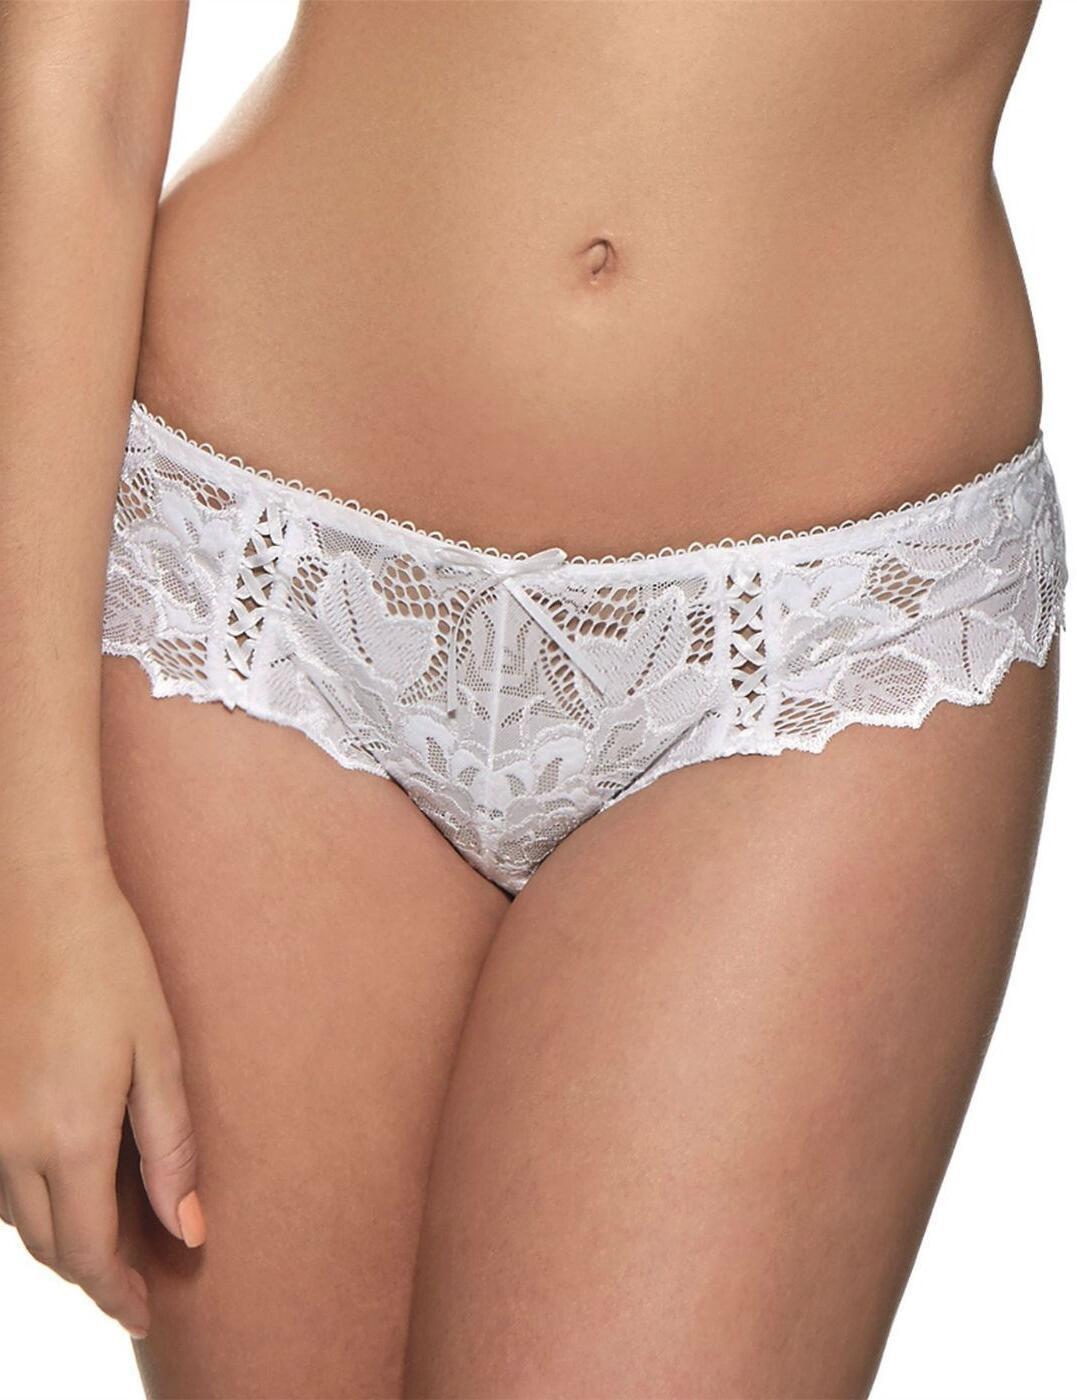 0932150 Lepel Fiore Mini Brief - 0932150 White